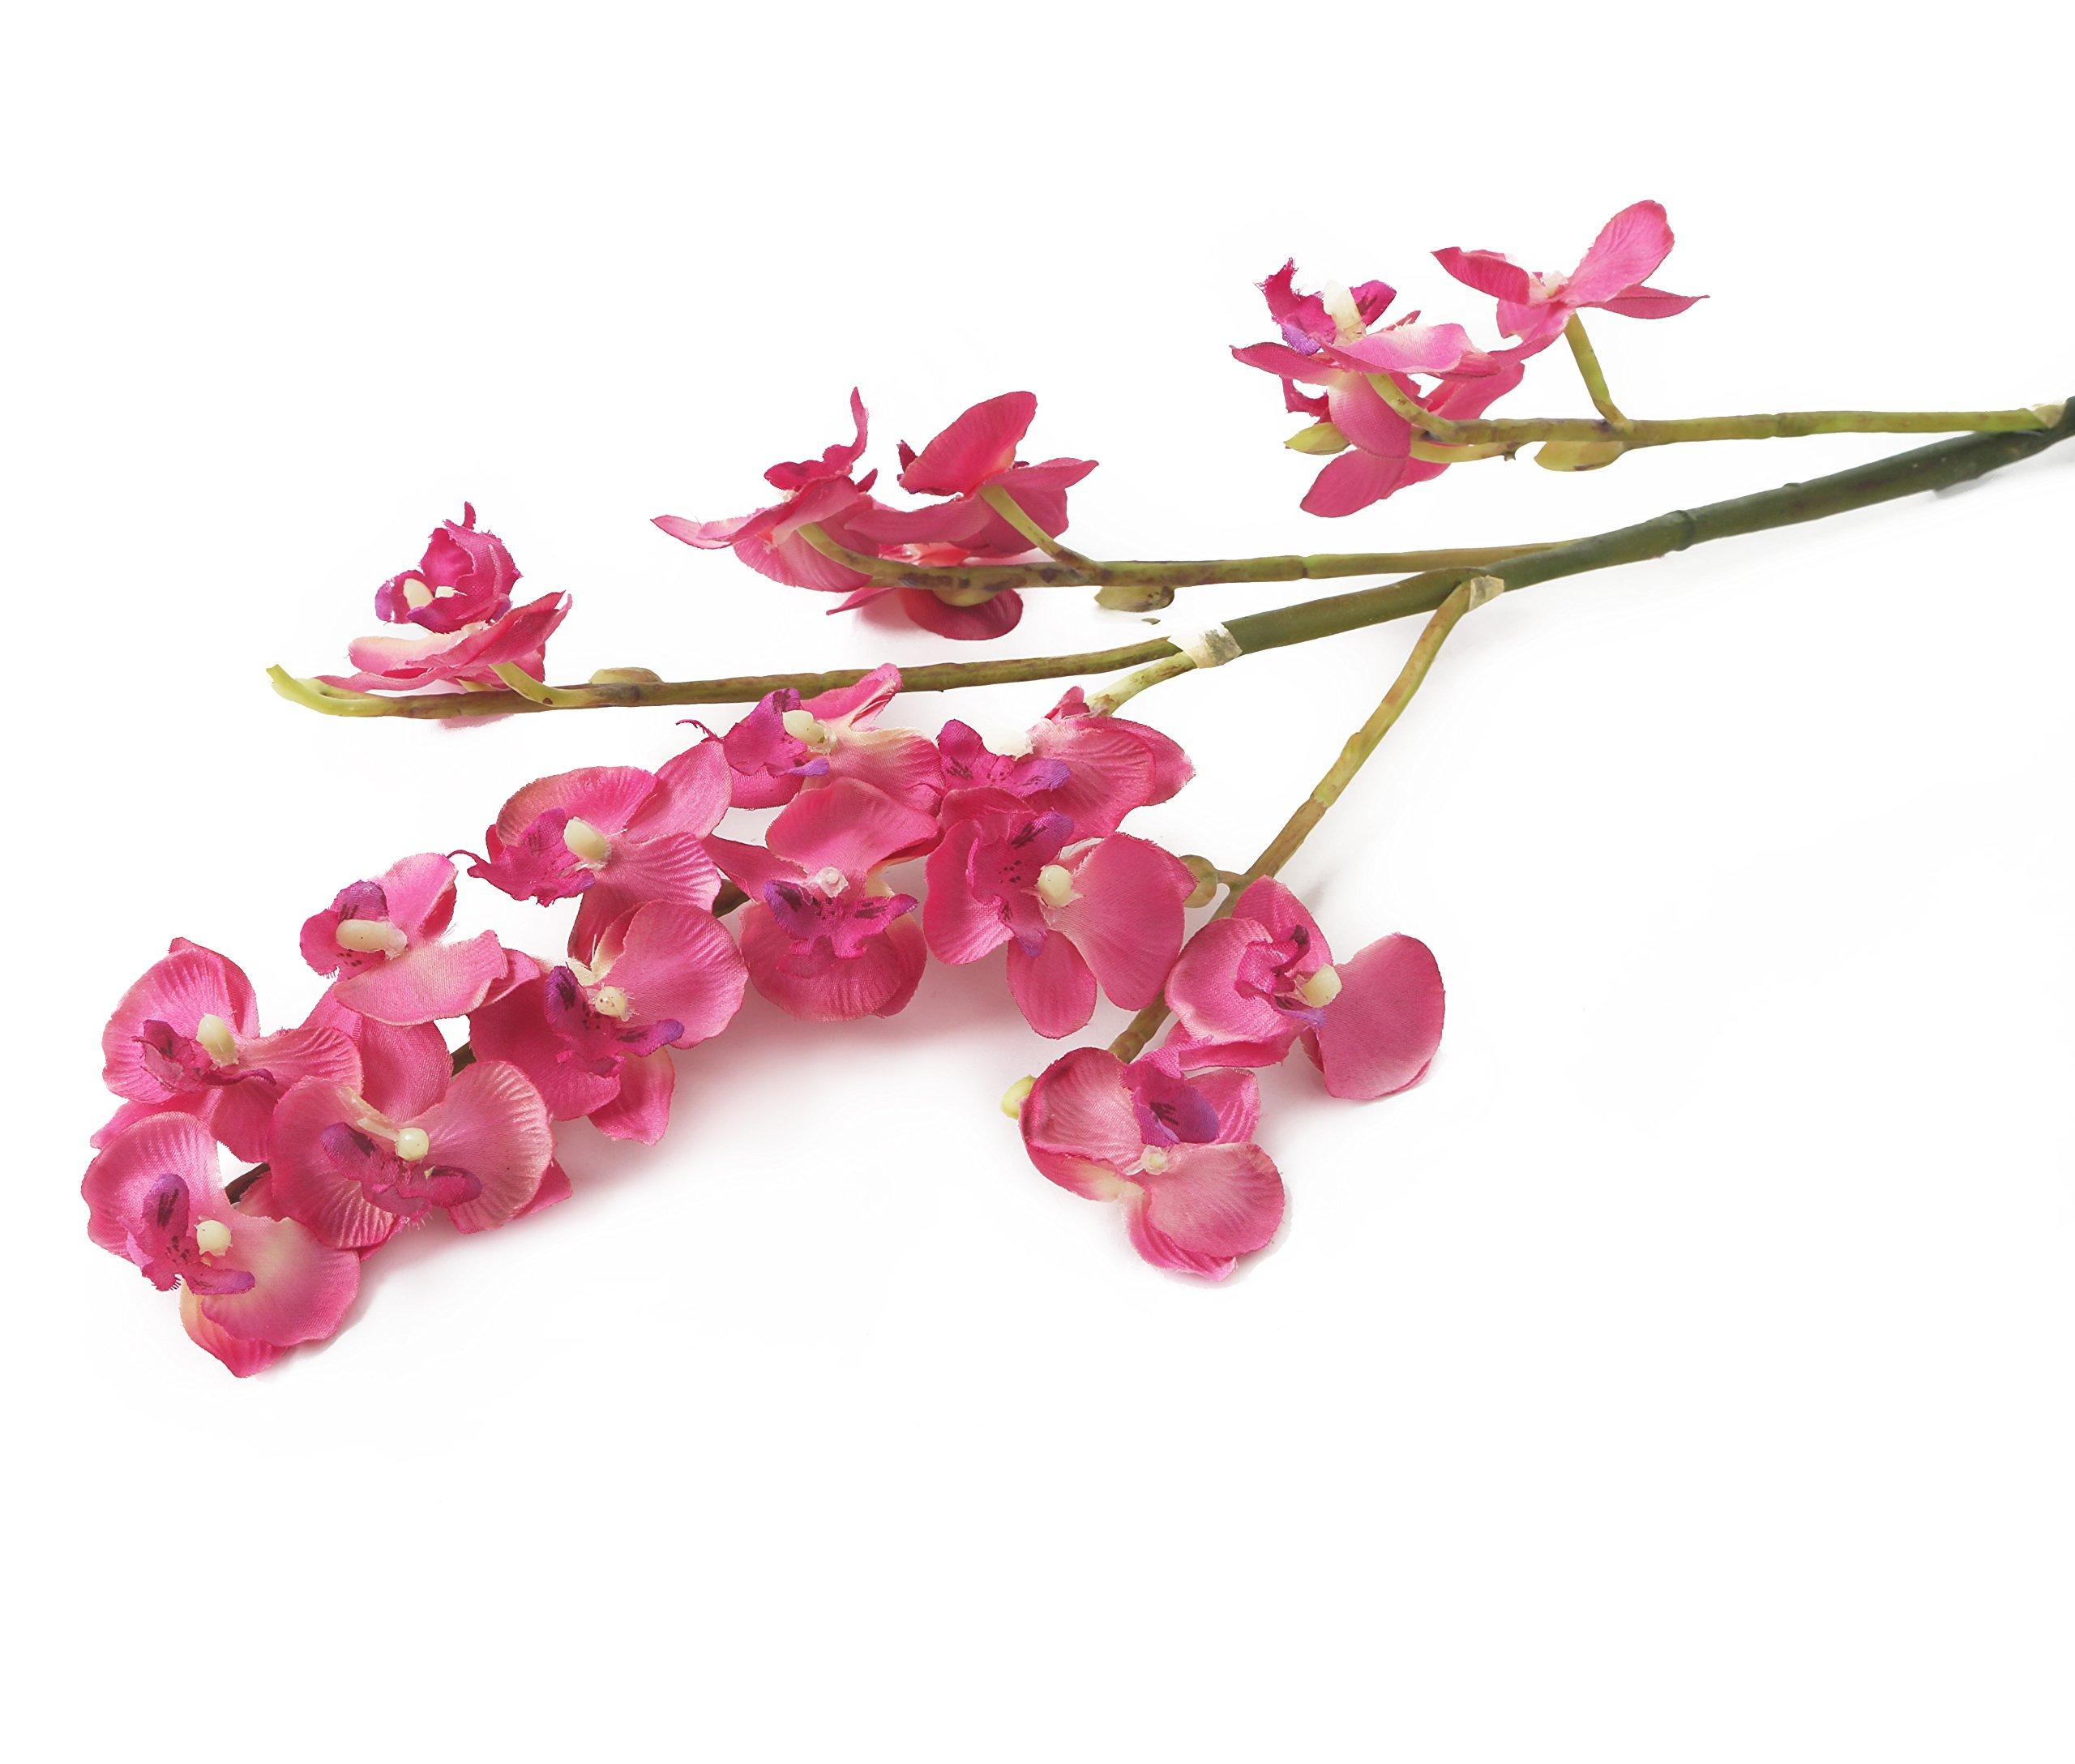 Floral Elegance 69cm Artificiales con Tallo único de orquídeas Artificiales en Miniatura, Rosa